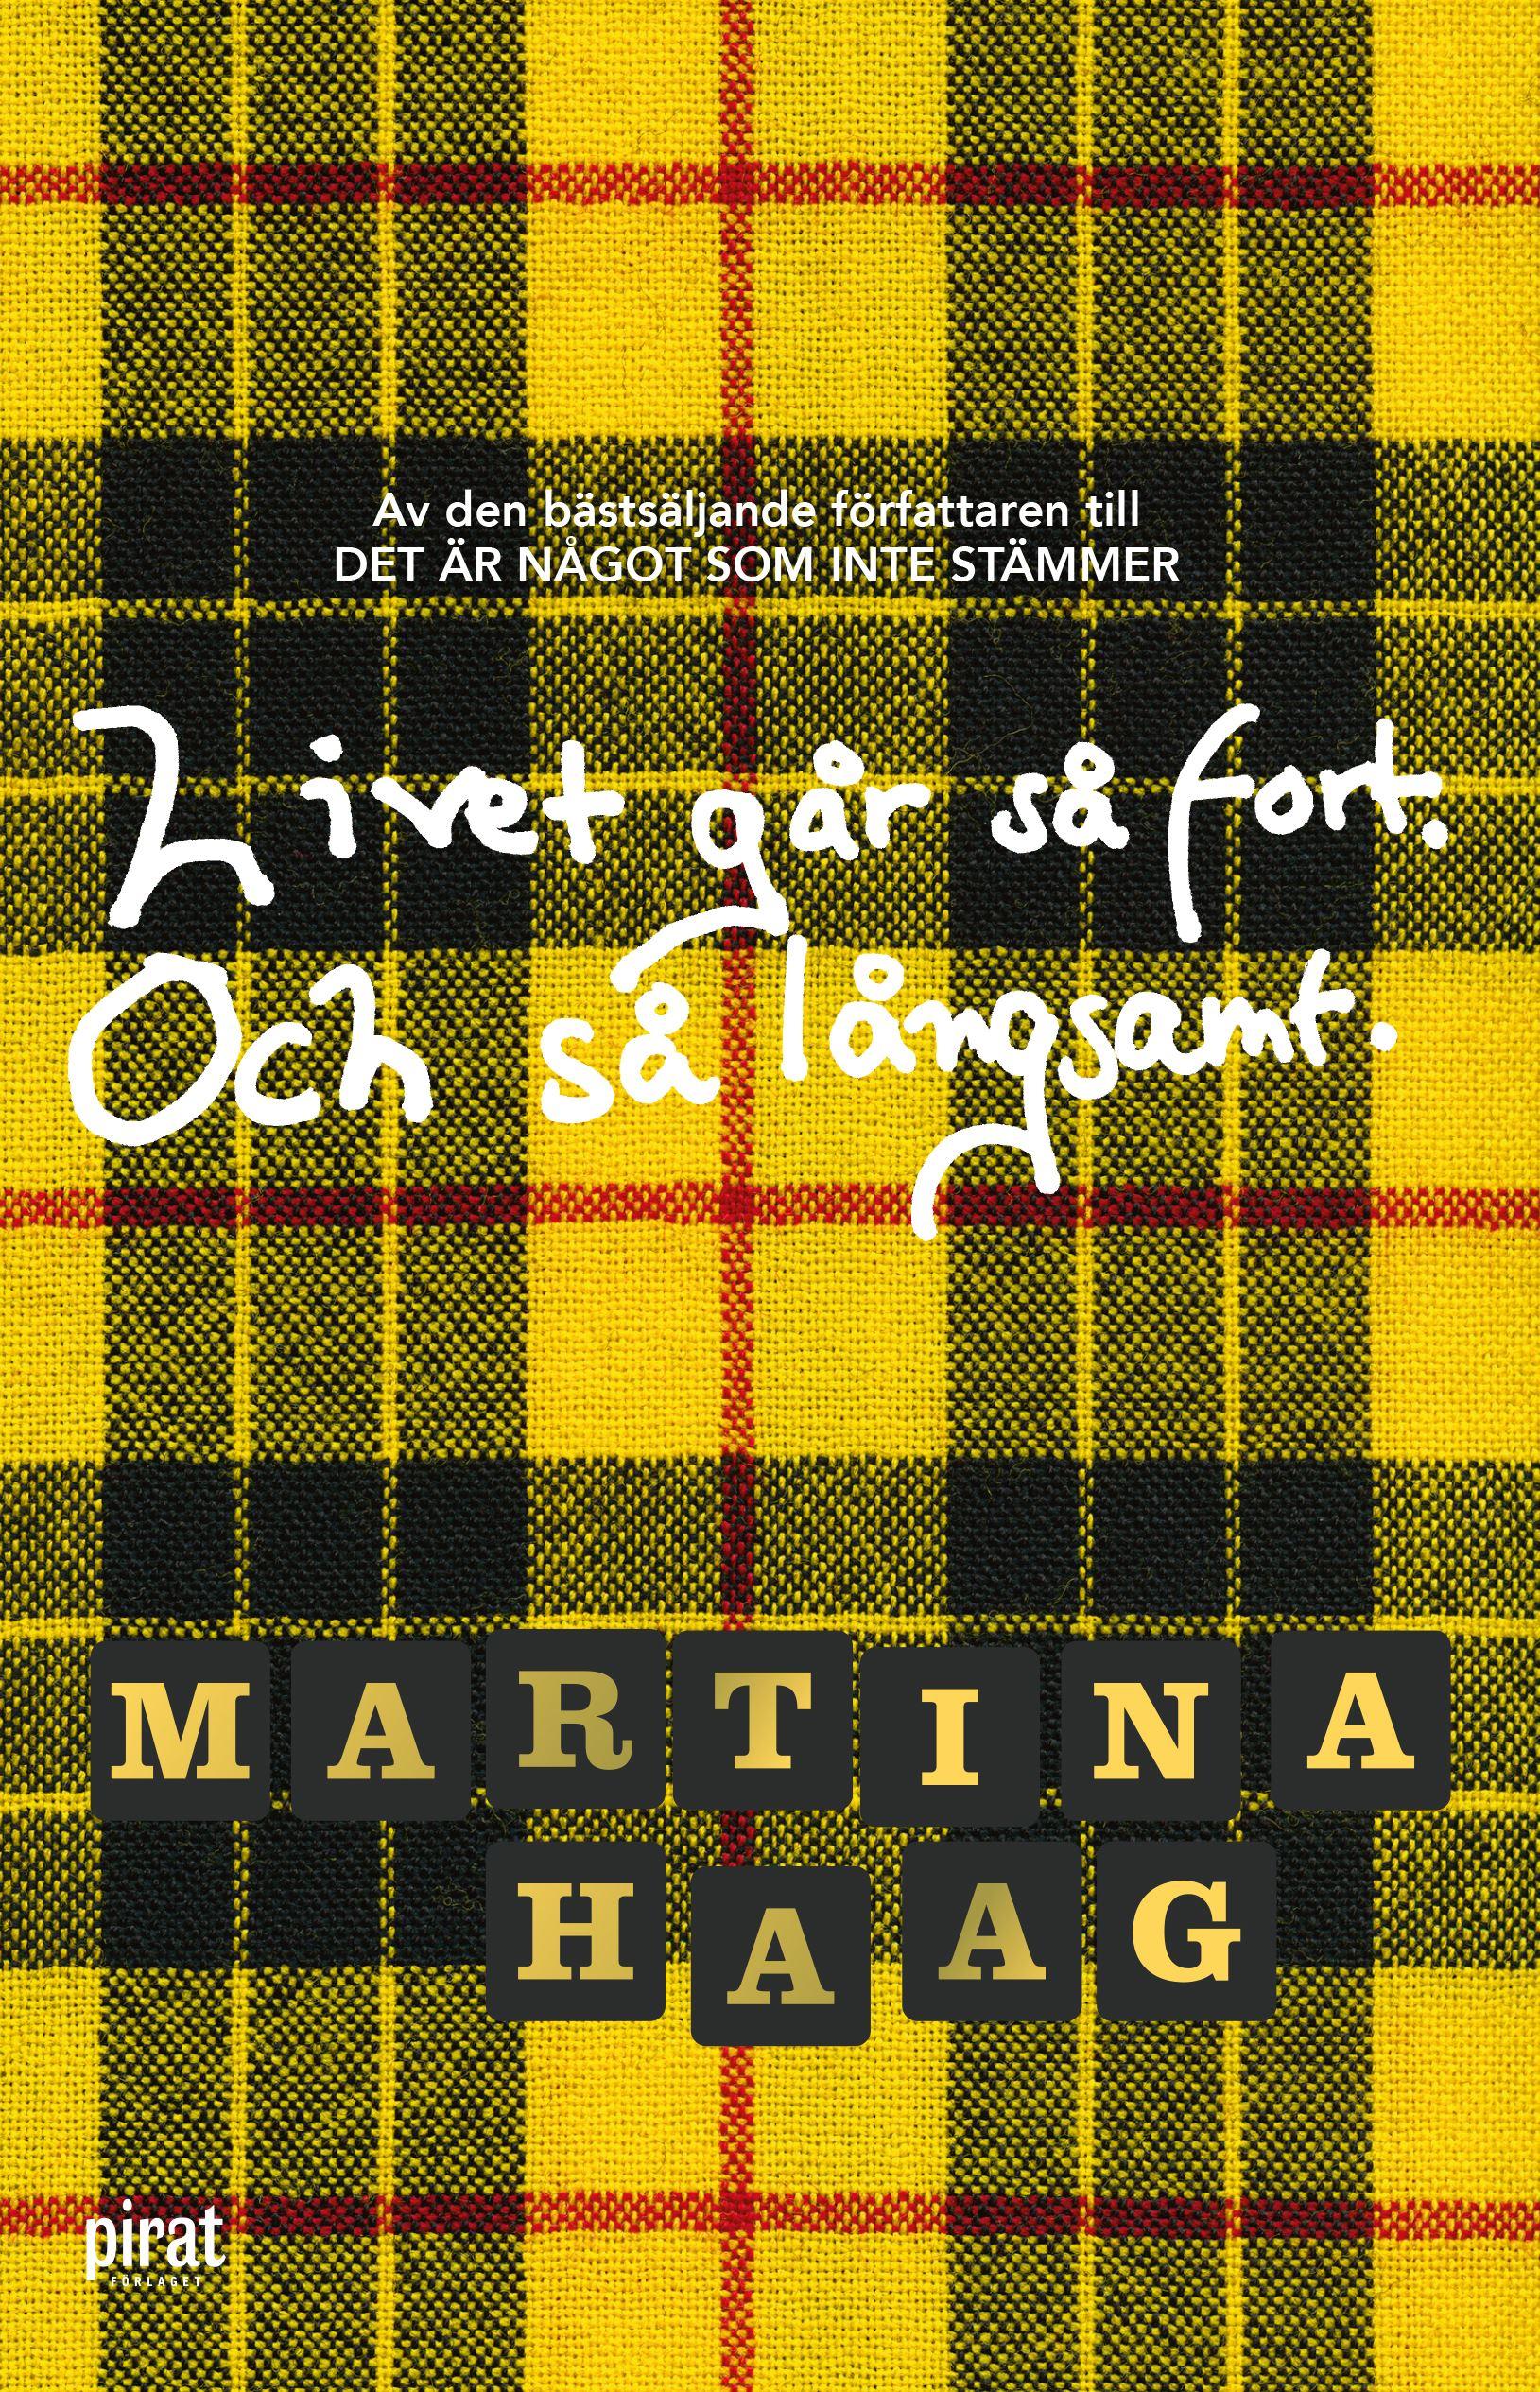 Bokcirkel Stadsbiblioteket - Röda scenen litteratur